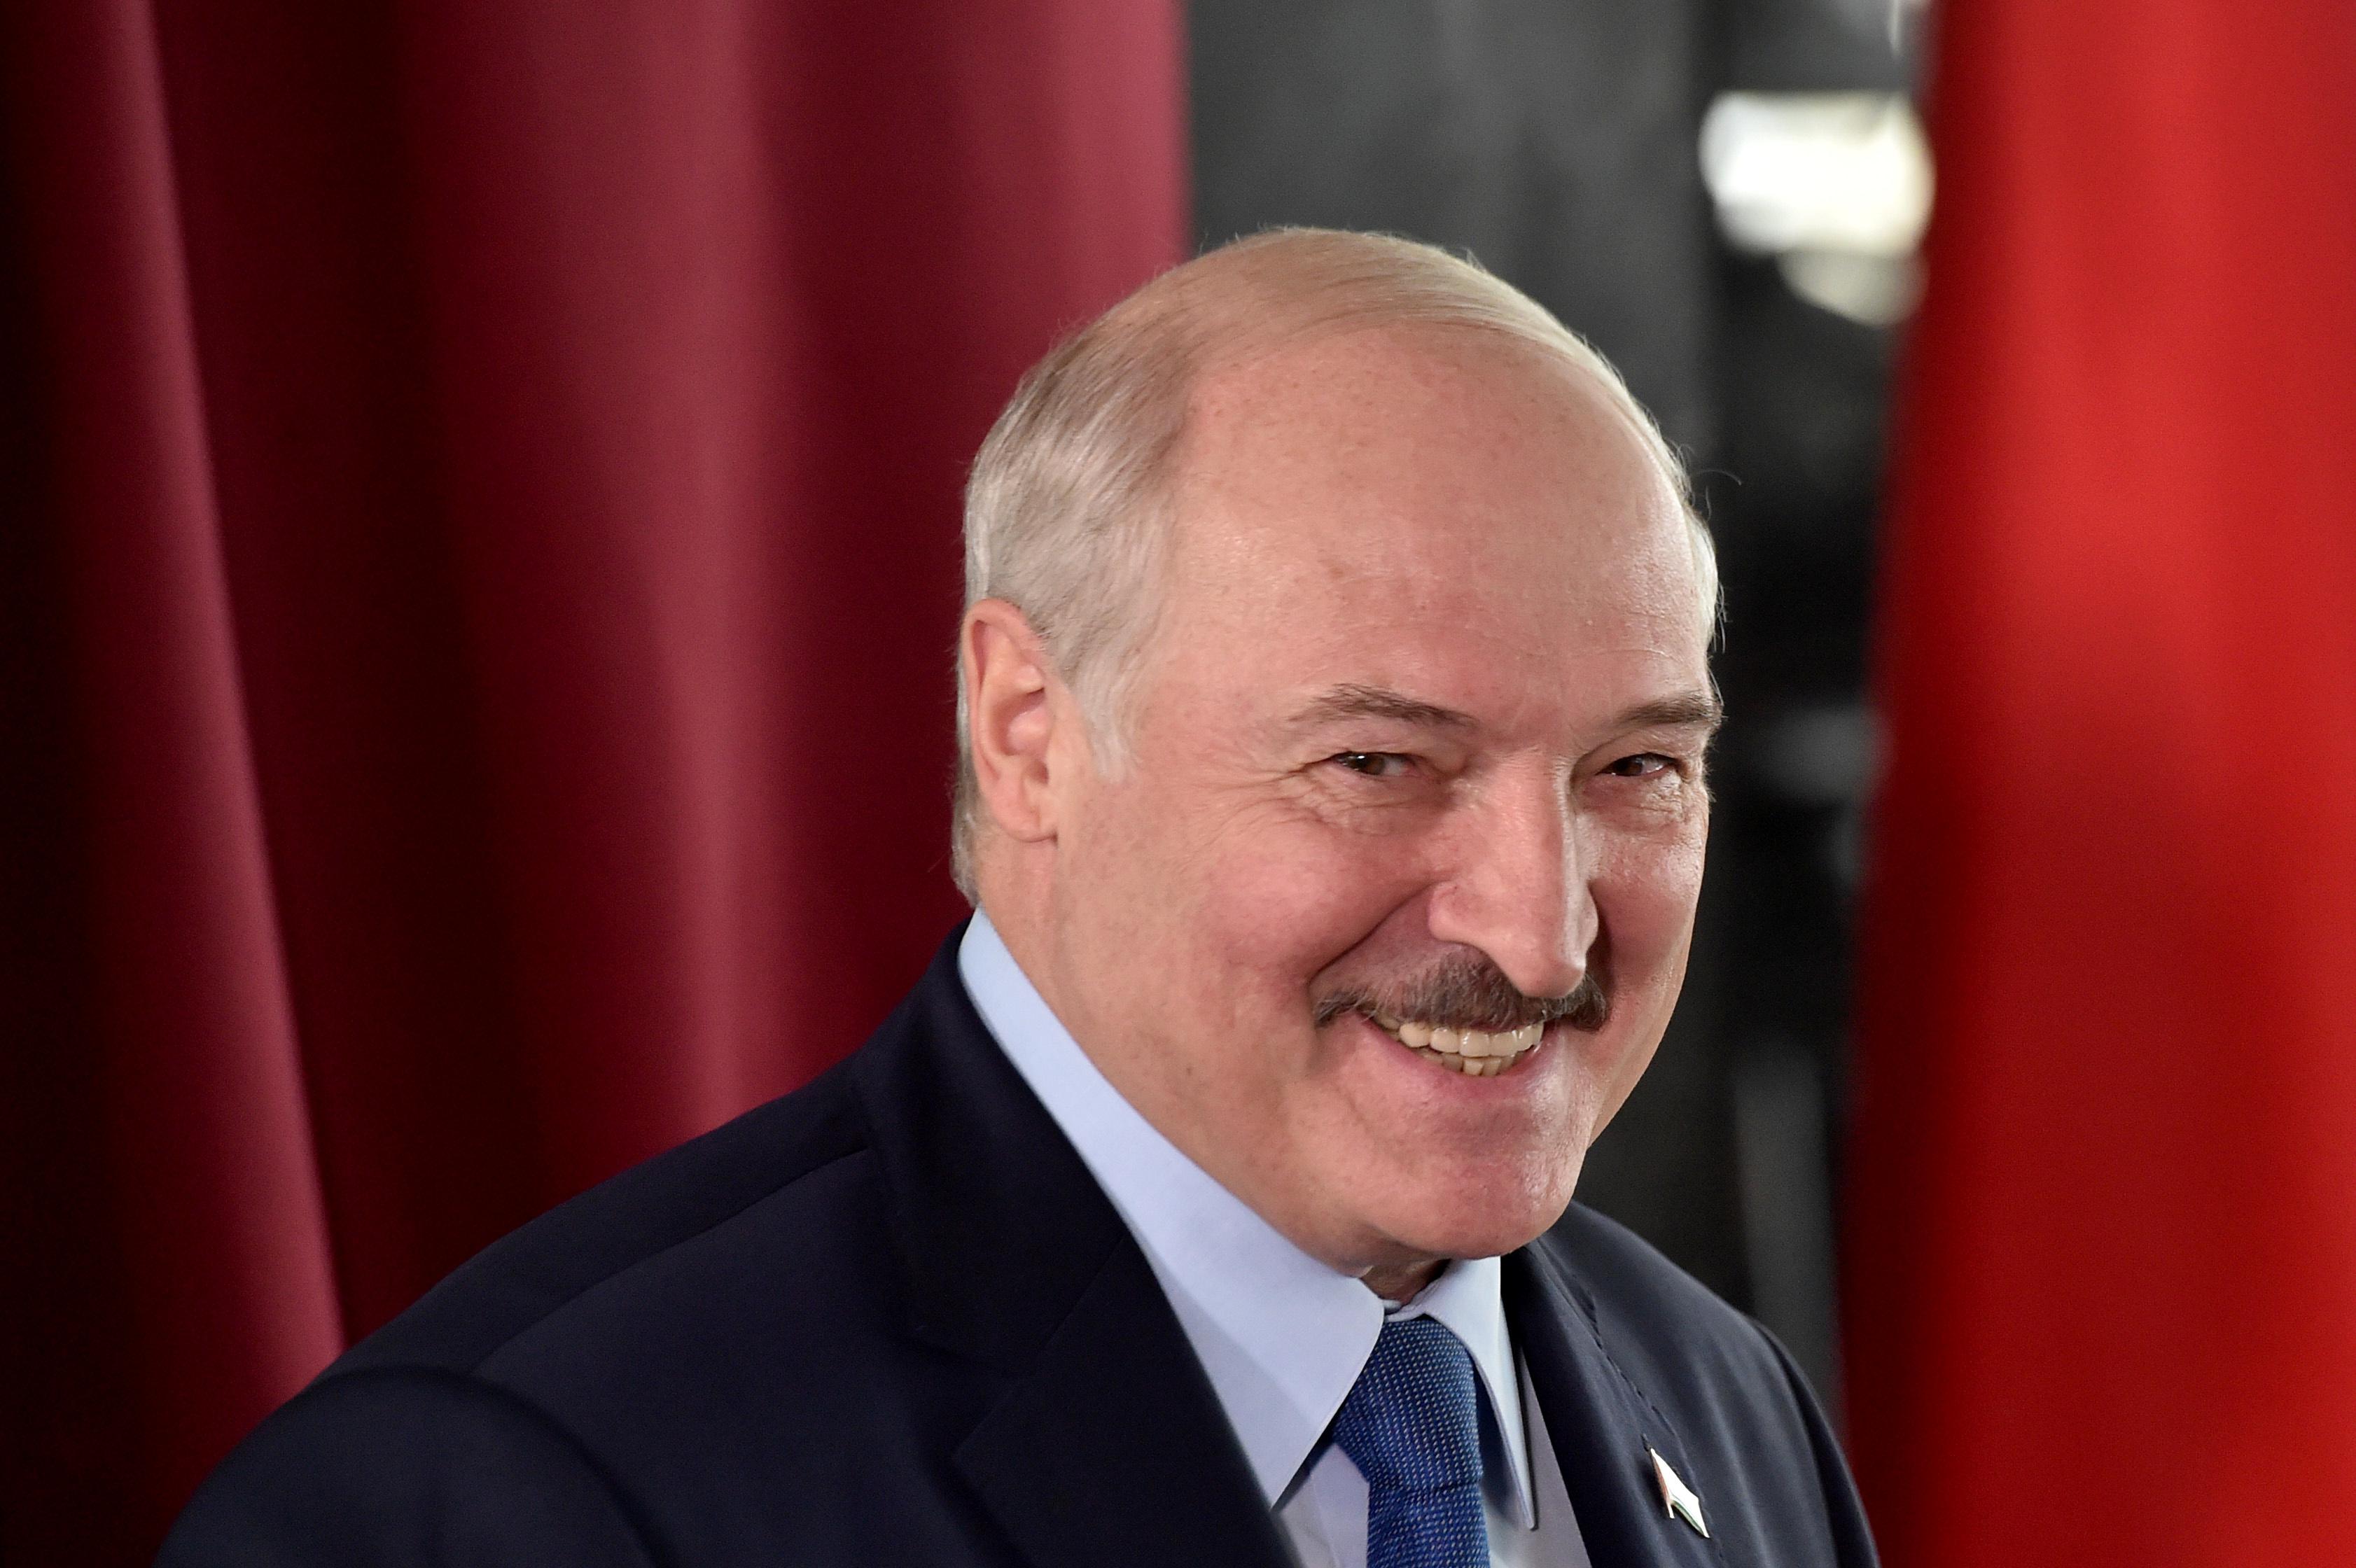 Белорусский госканал выдал сатирическую новость о Лукашенко за реальную